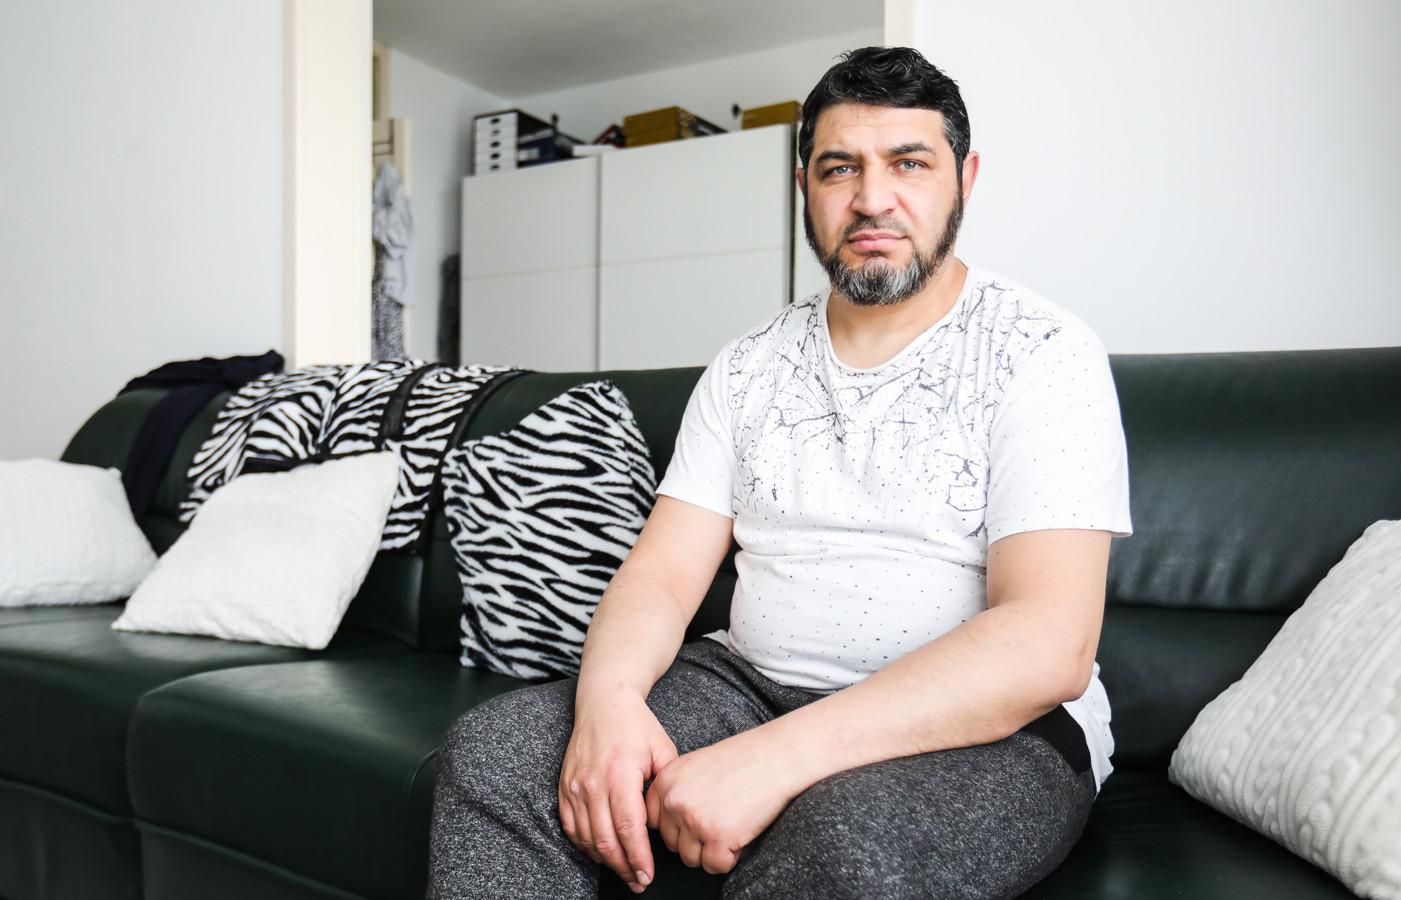 Gyven Hasani: 'Een Canta is zo'n uitkomst, de jongens kunnen niet zelfstandig naar school.'